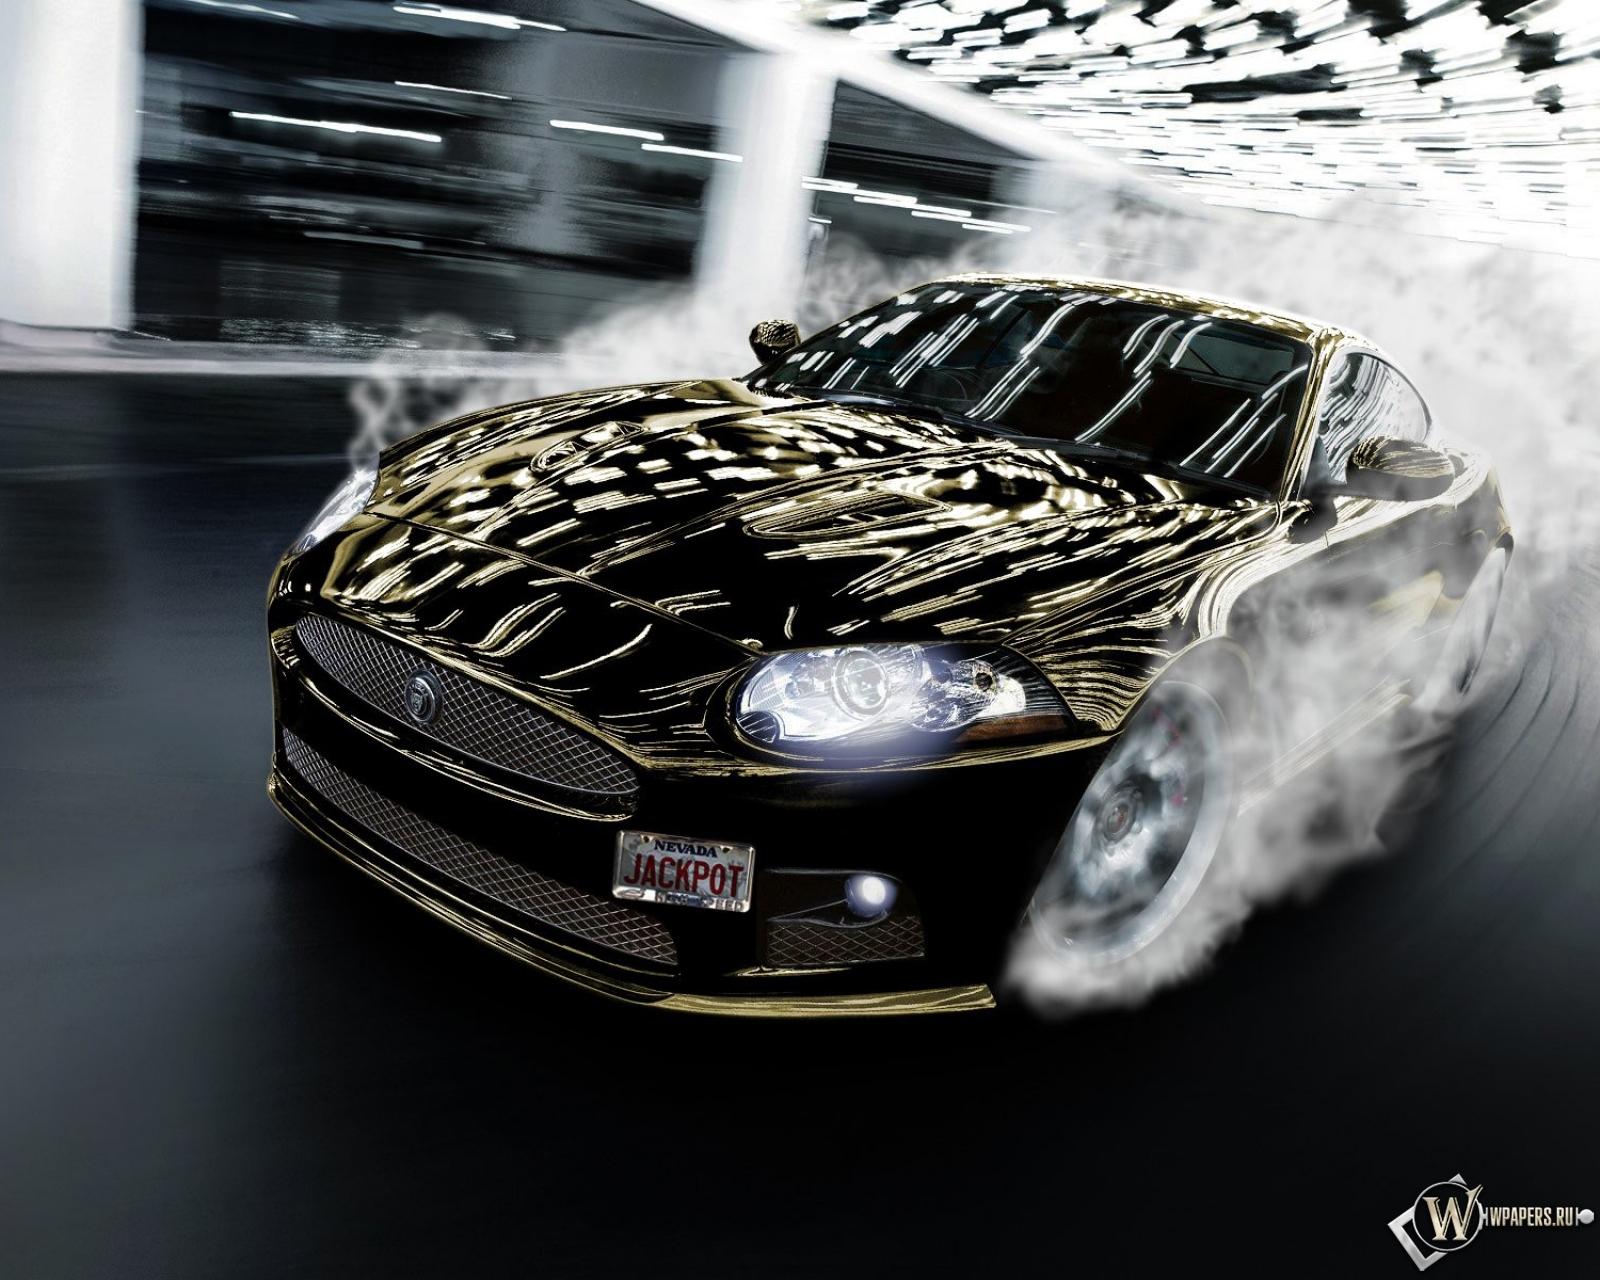 Jaguar 1600x1280